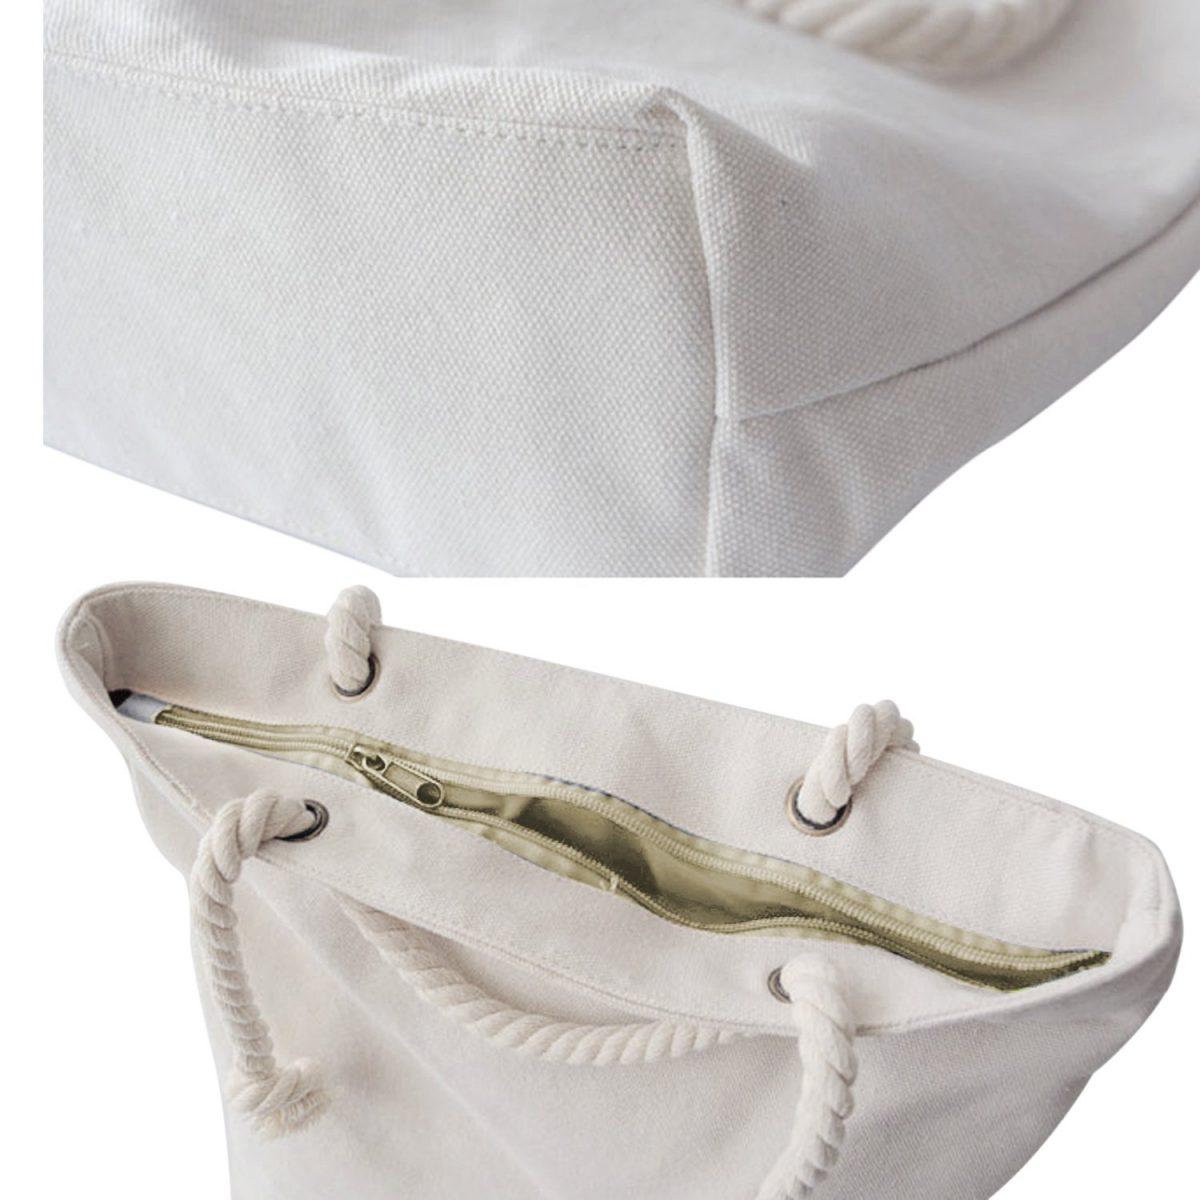 Zigzag ve Çiçekler Özel Tasarım Fermuarlı Modern Kumaş Çanta Realhomes